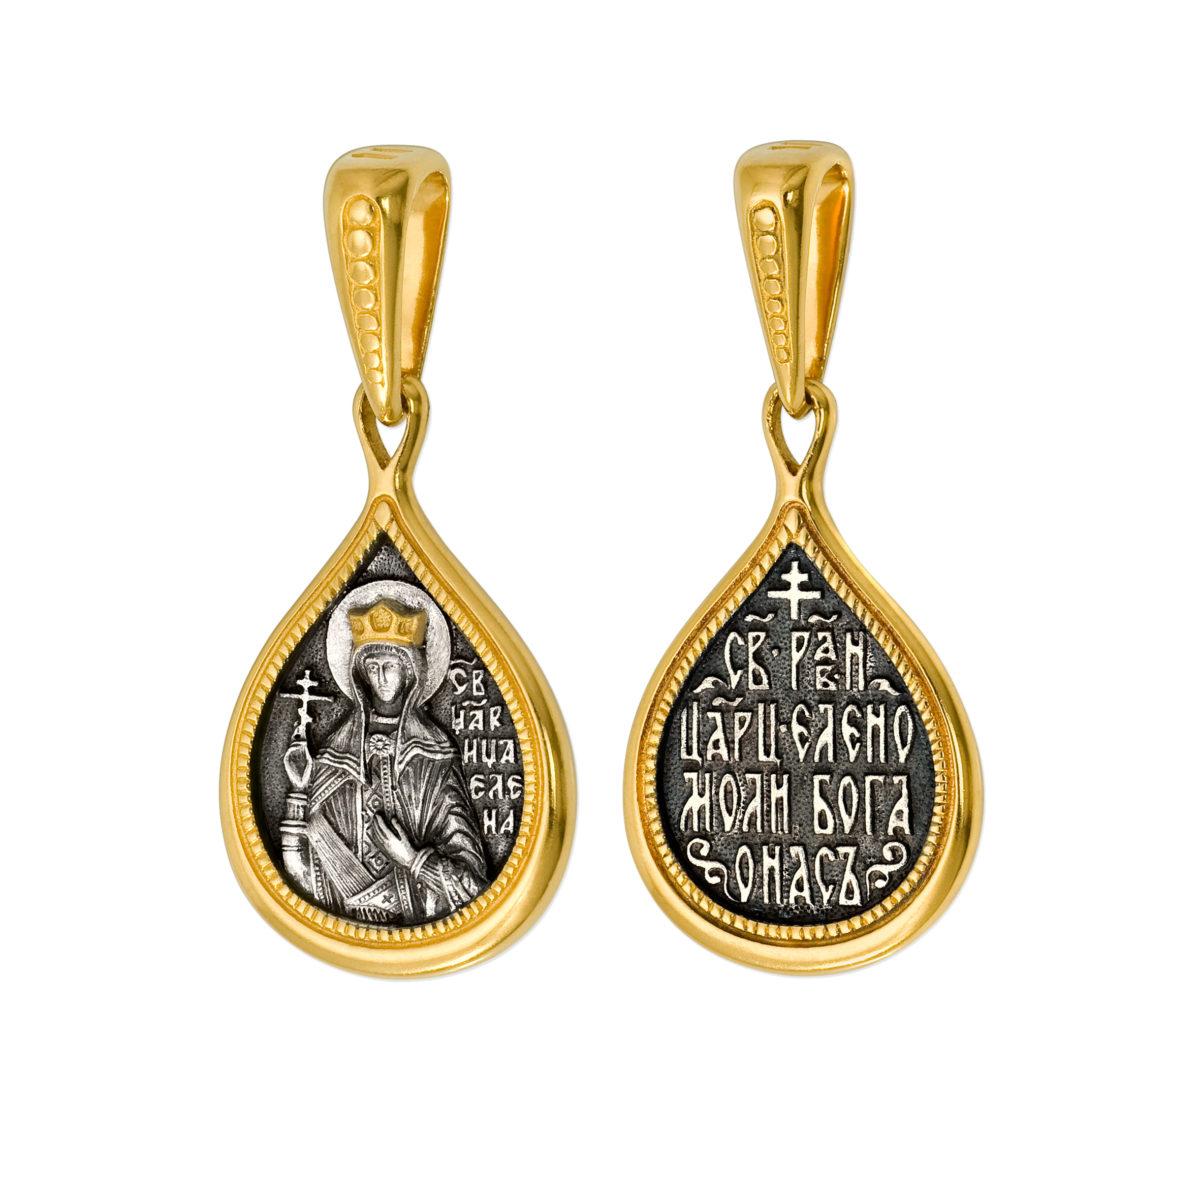 8.63 1200x1200 - Образок «Святая Равноапостольная Царица Елена»